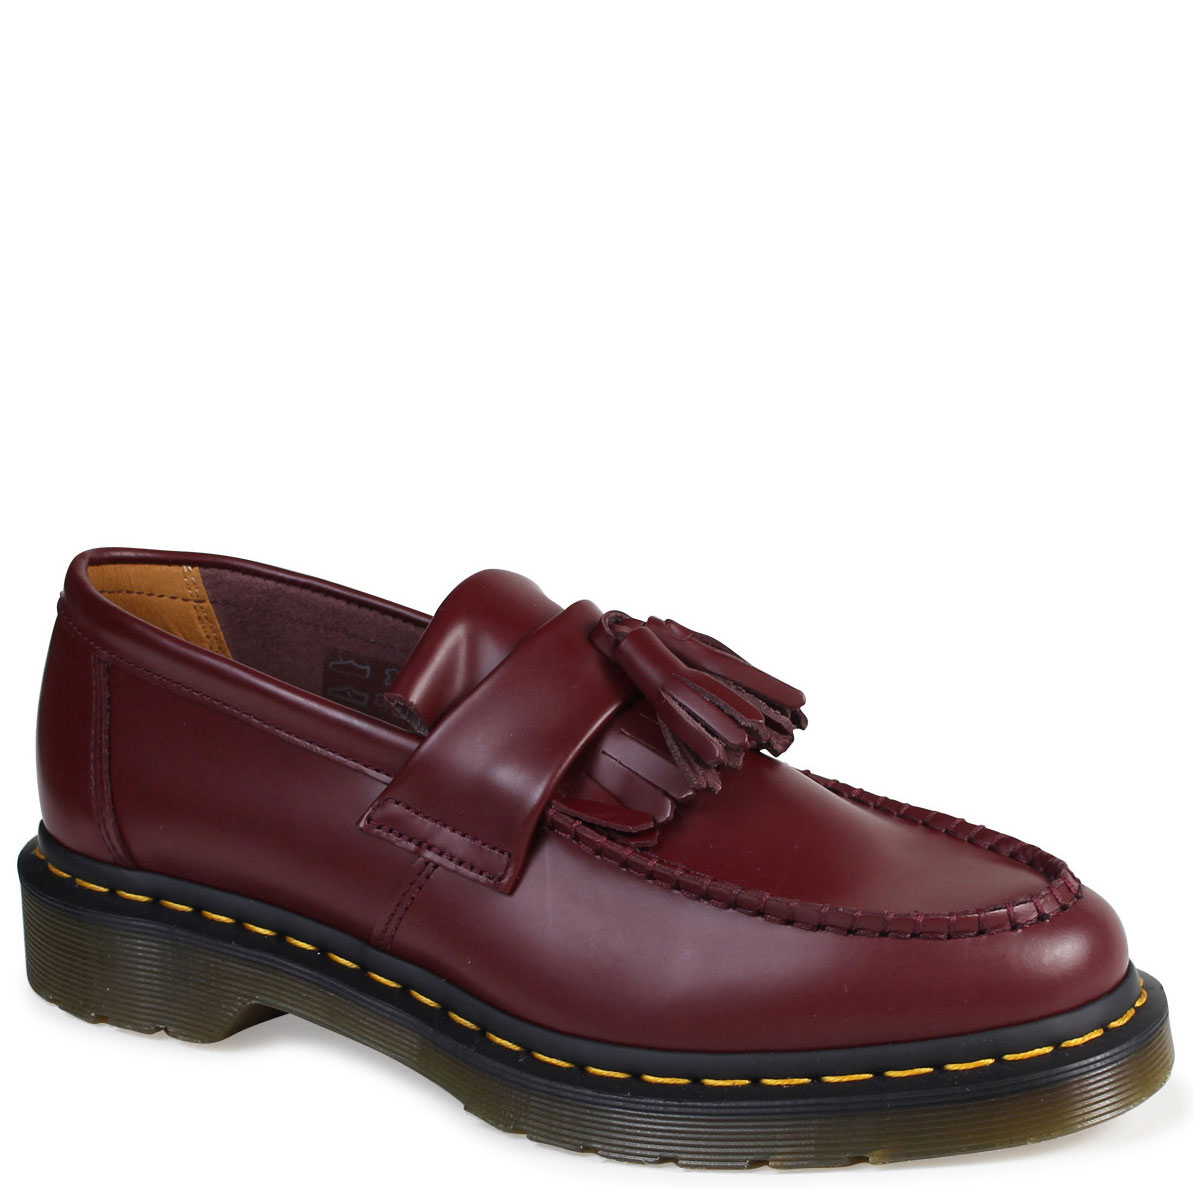 6d38102f791 Doctor Martin tassel loafer men gap Dis Dr.Martens ARCHIVE ADRIAN TASSEL  LOAFER R22209600 brown  6 23 Shinnyu load